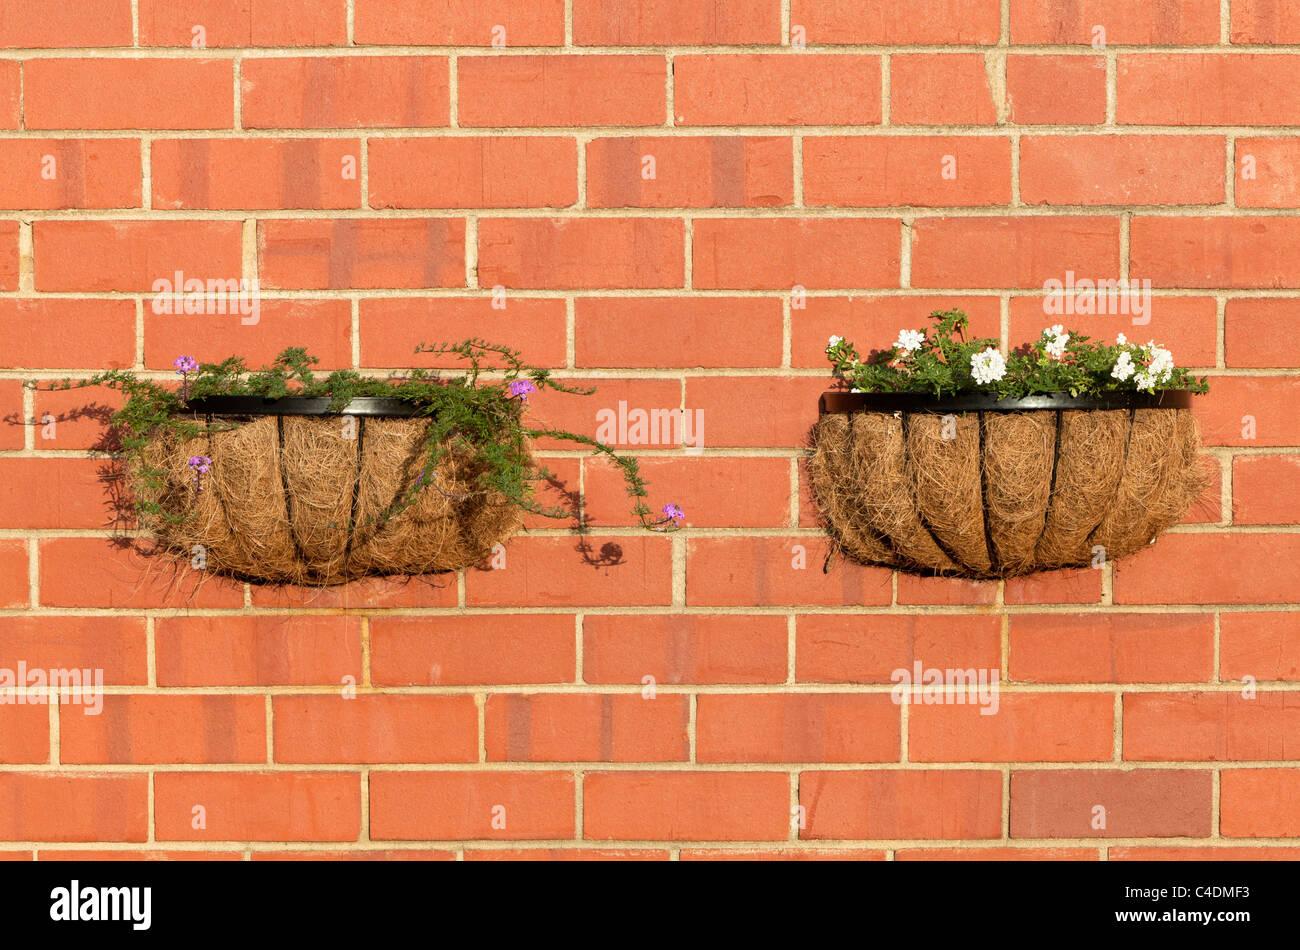 Verveine fleurs en croissance dans des paniers de mur Photo Stock